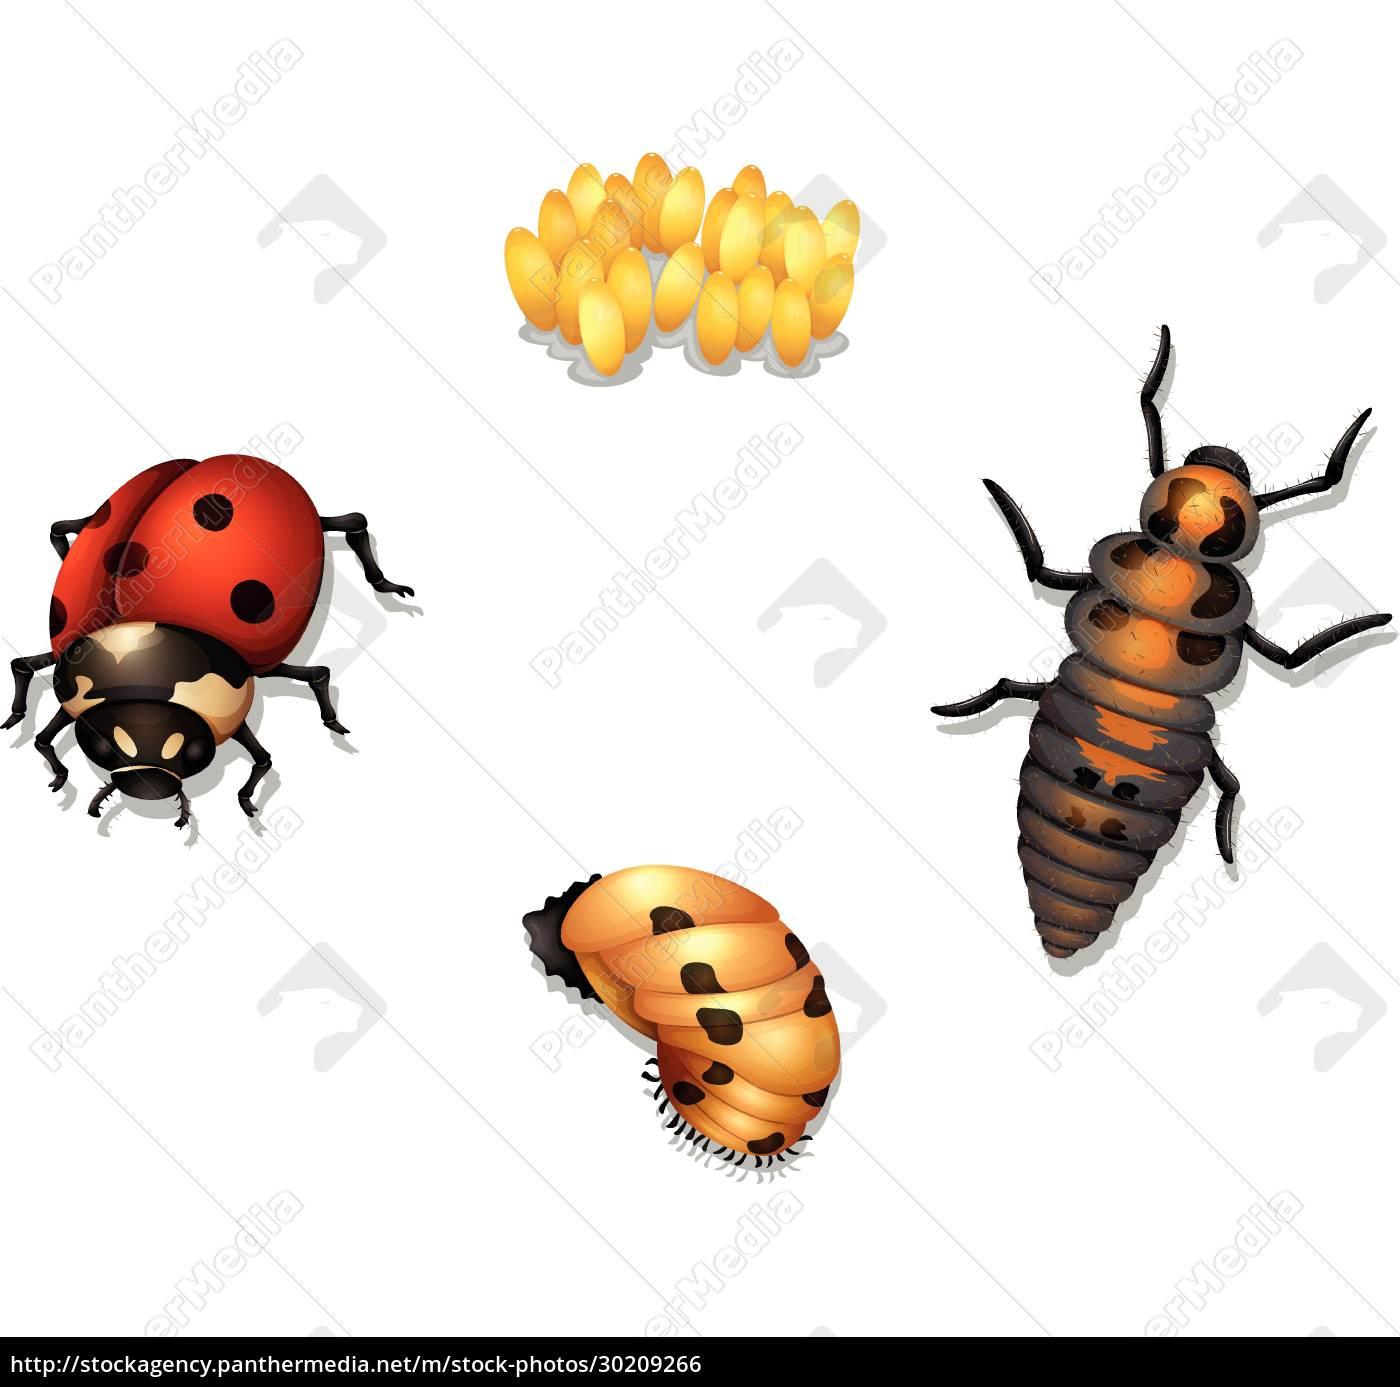 ladybug, life, cycle - 30209266